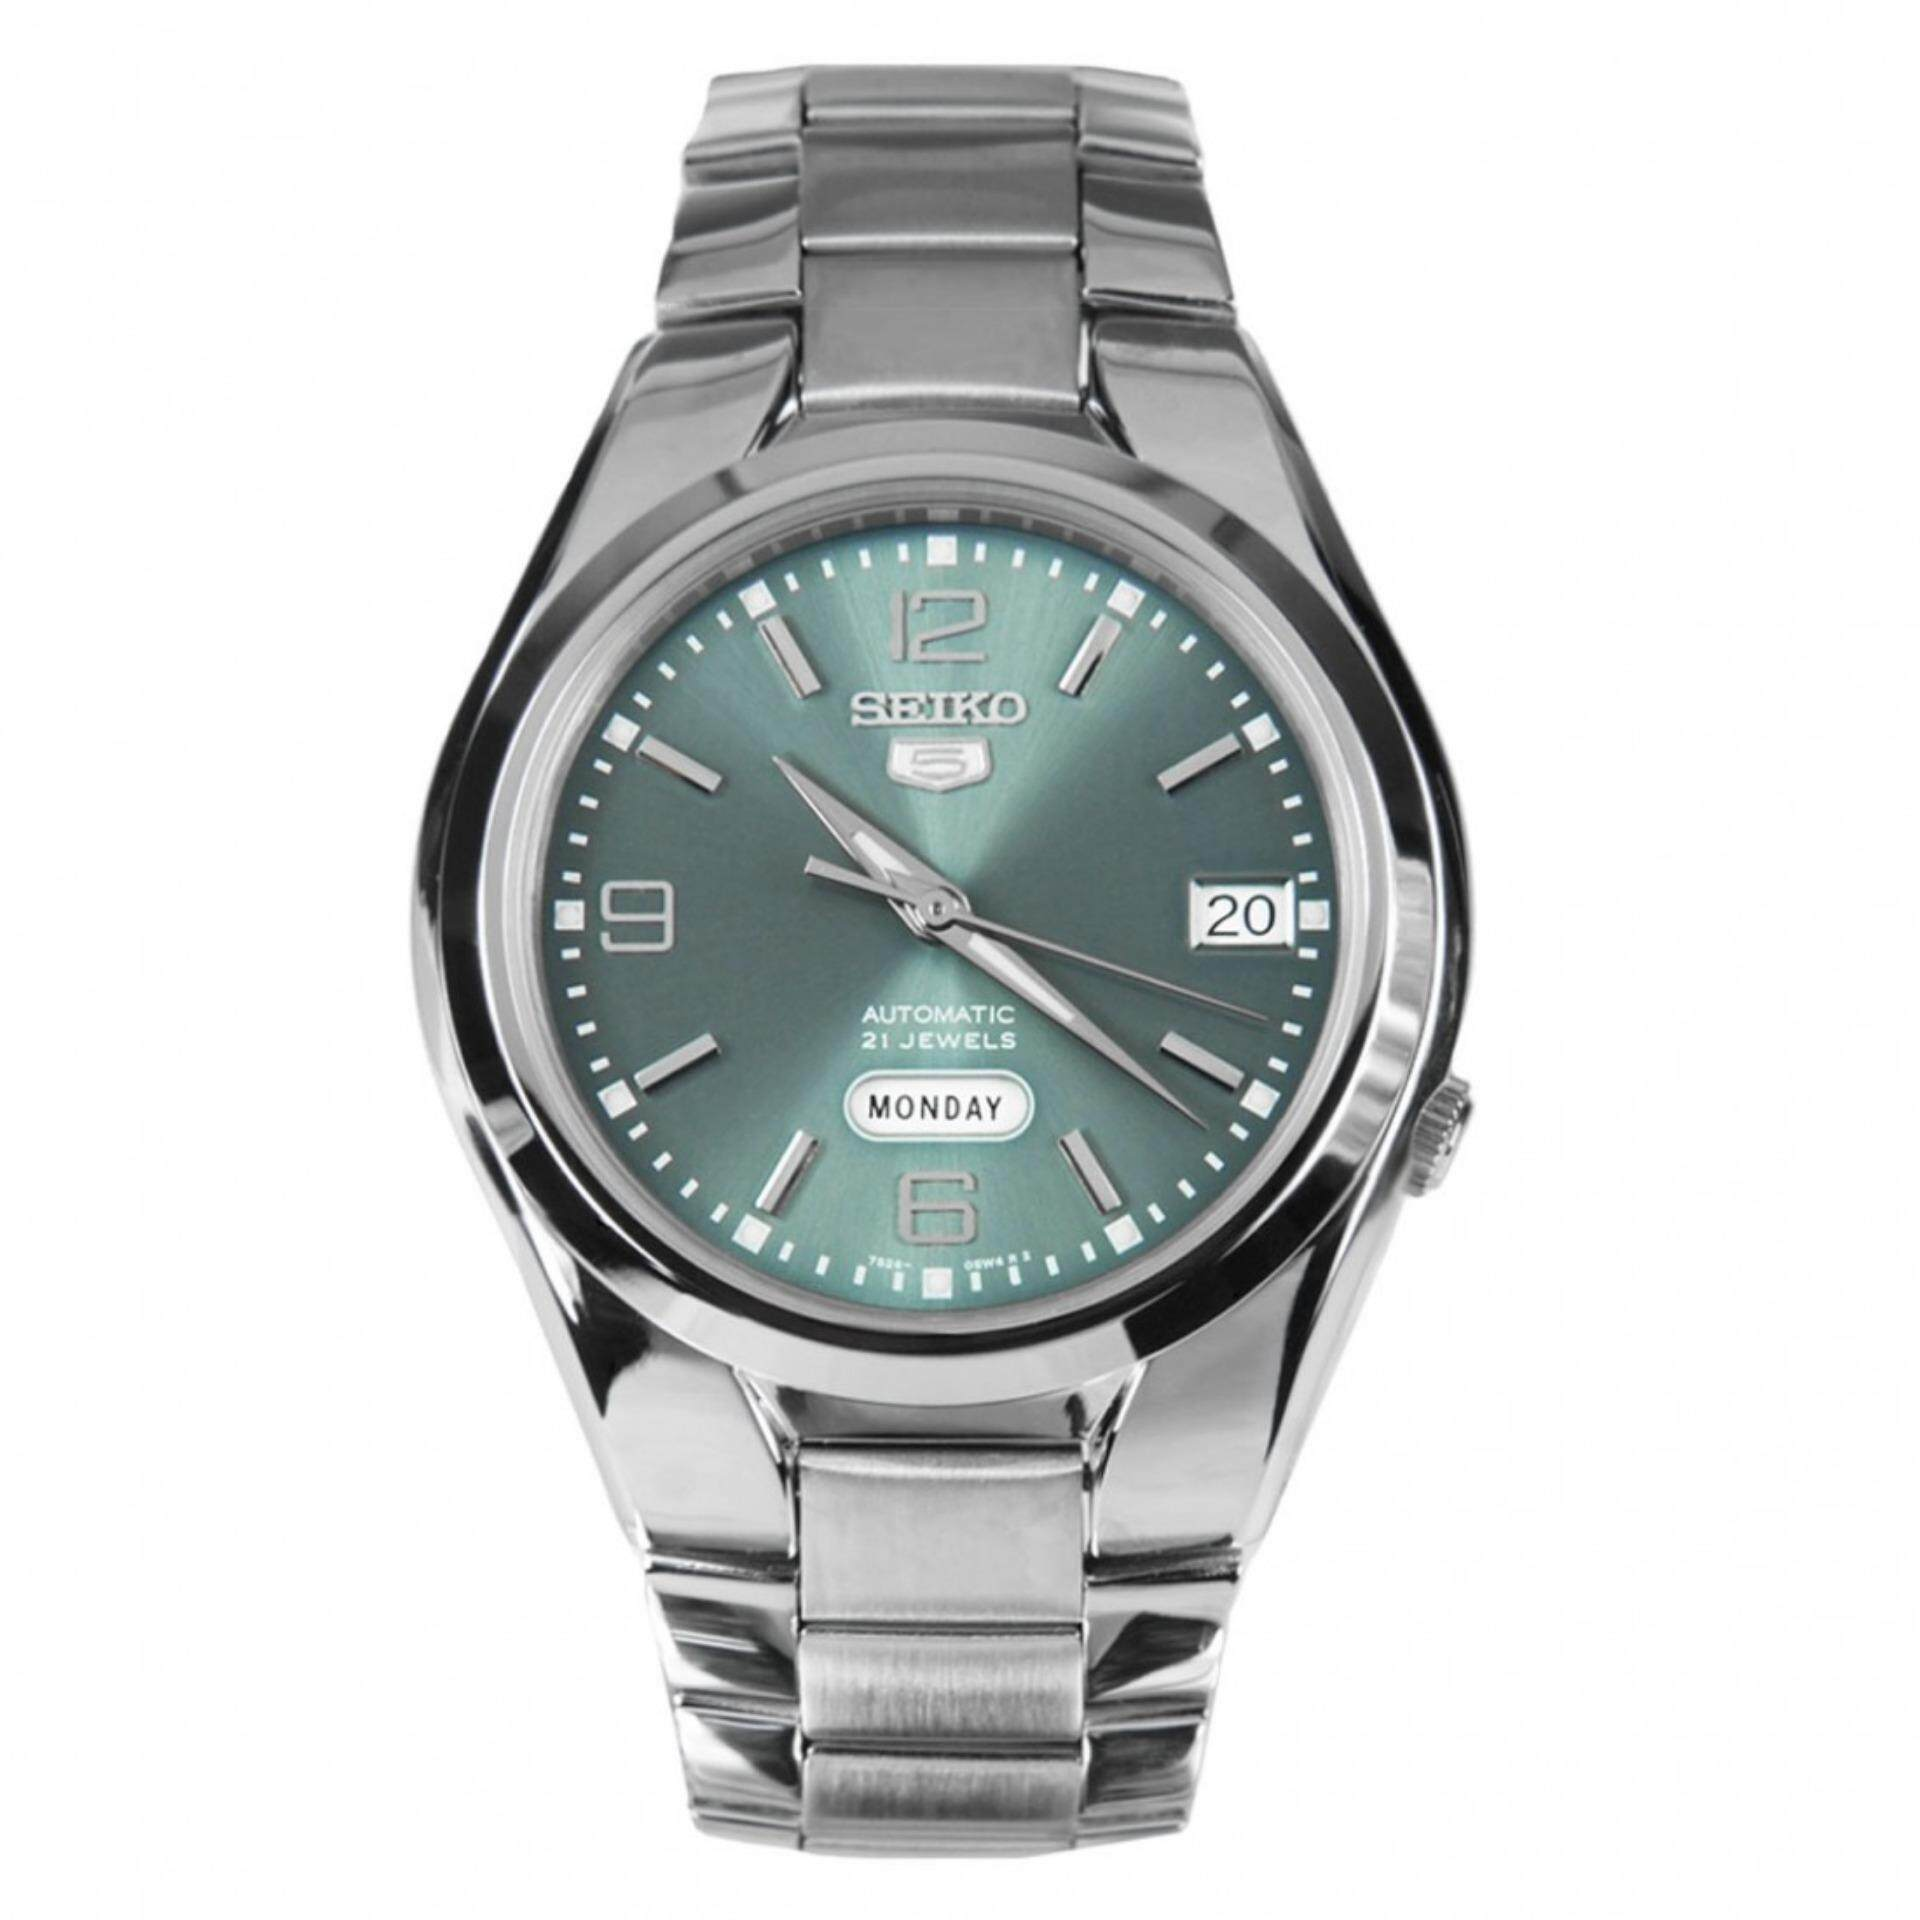 ซื้อ Seiko 5 นาฬิกาผู้ชาย Automatic 21 Jewels Snk621K1 ใน ไทย